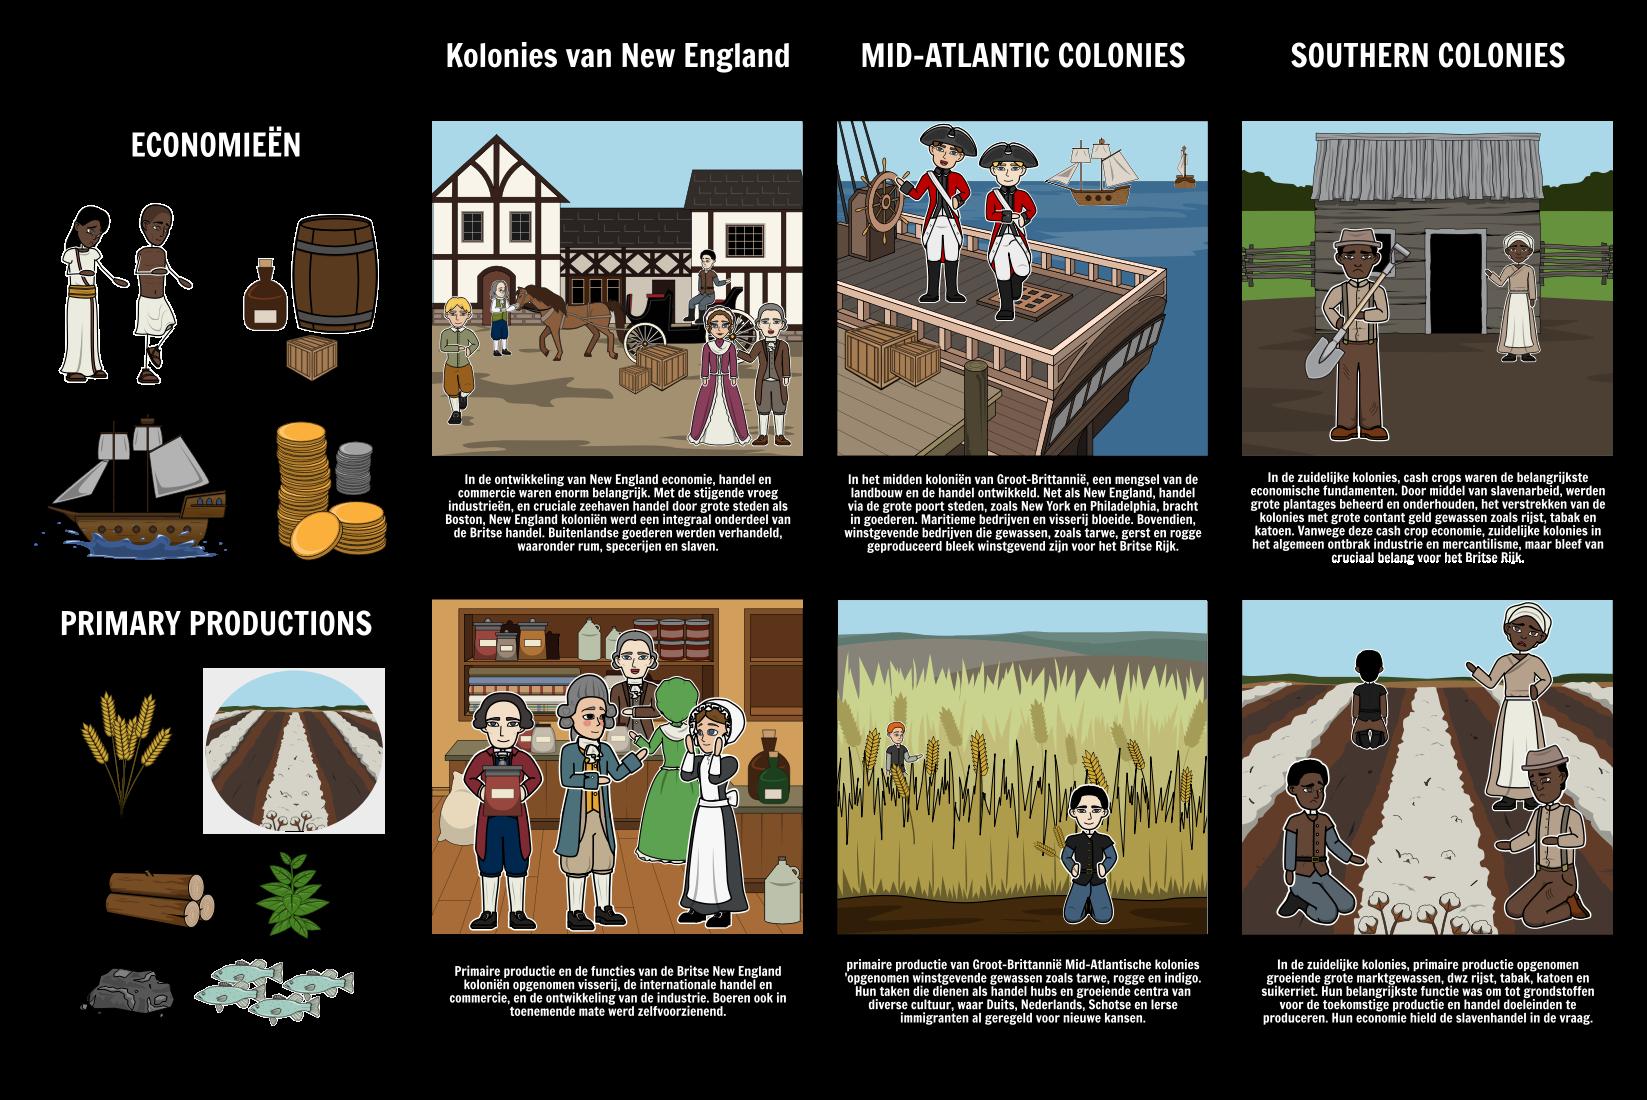 Ontwikkeling van de Amerikaanse 13 Kolonies